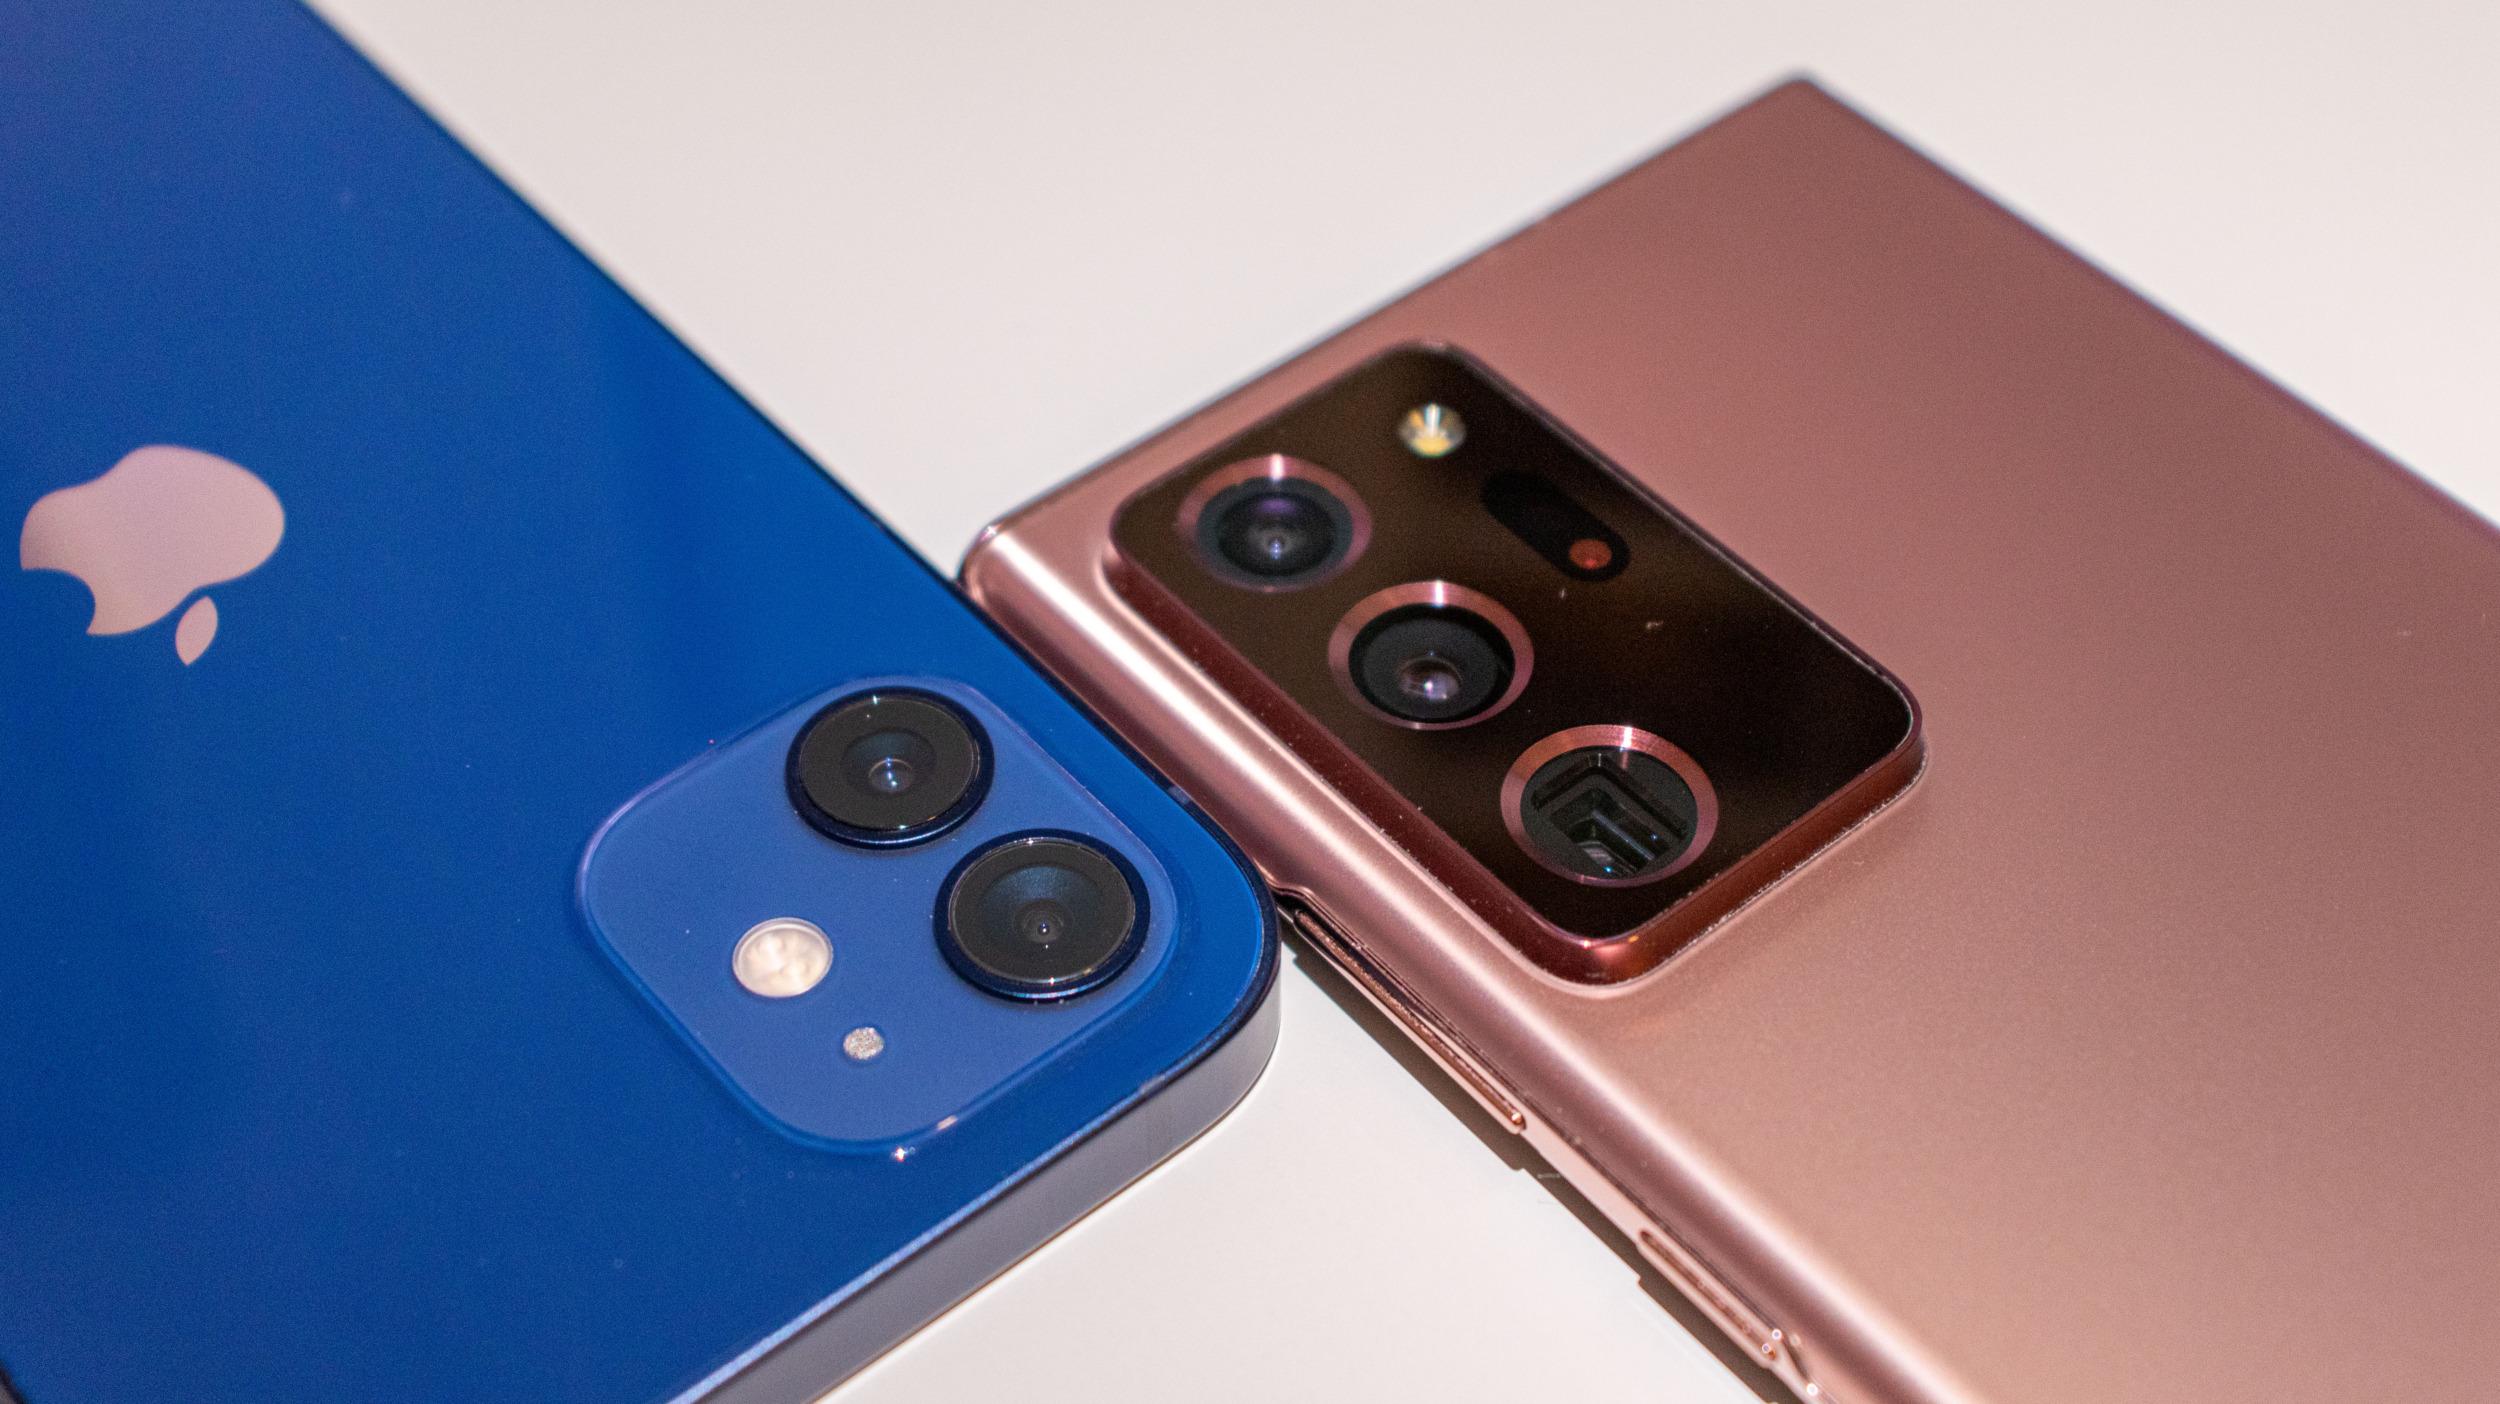 Poradí si v noci lépe iPhone 12 nebo Galaxy Note 20 Ultra? [fototest]